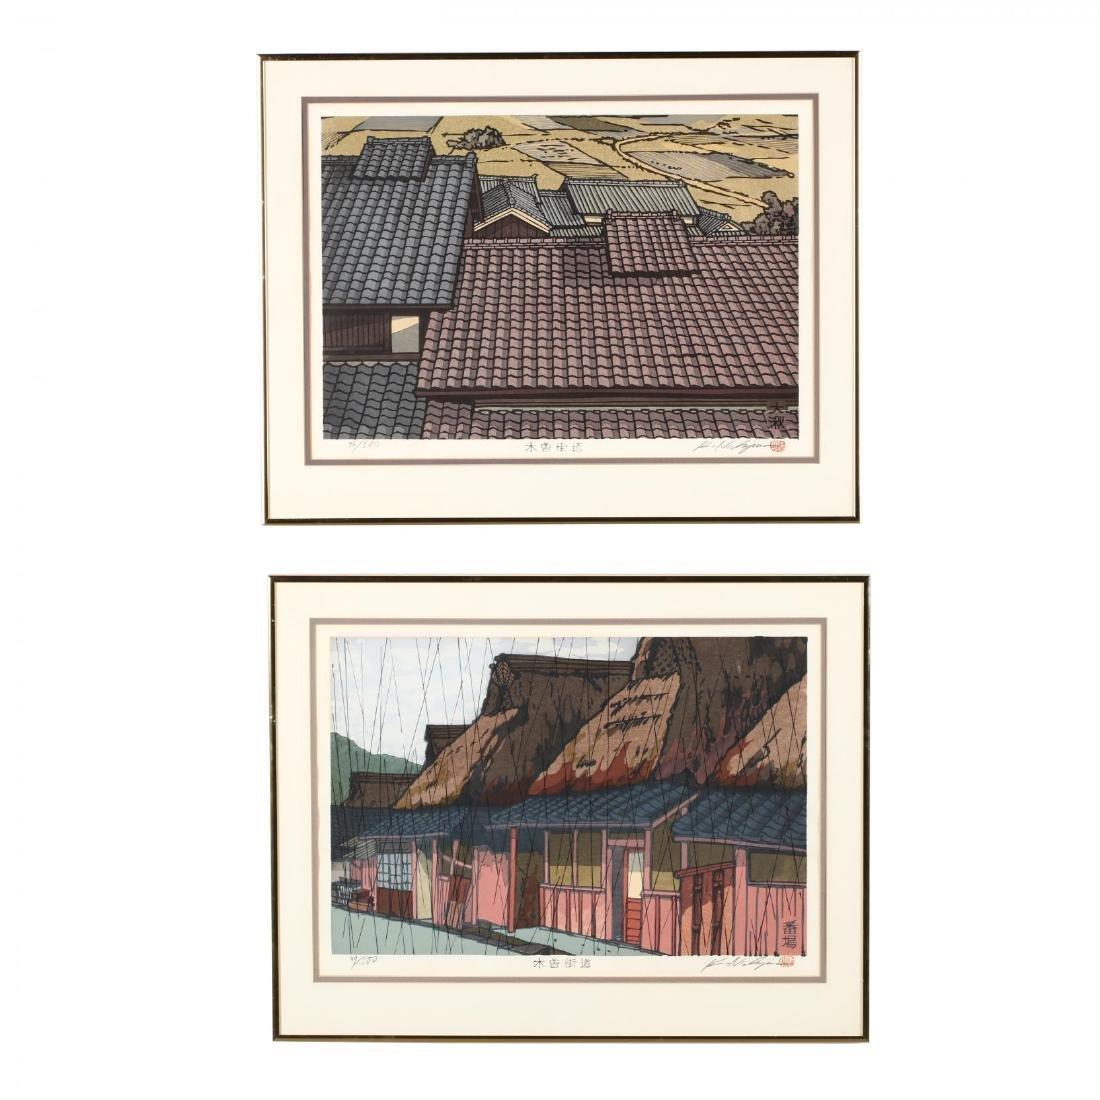 Two Woodblock Prints by Katsuyuki Nishjima (Japanese,